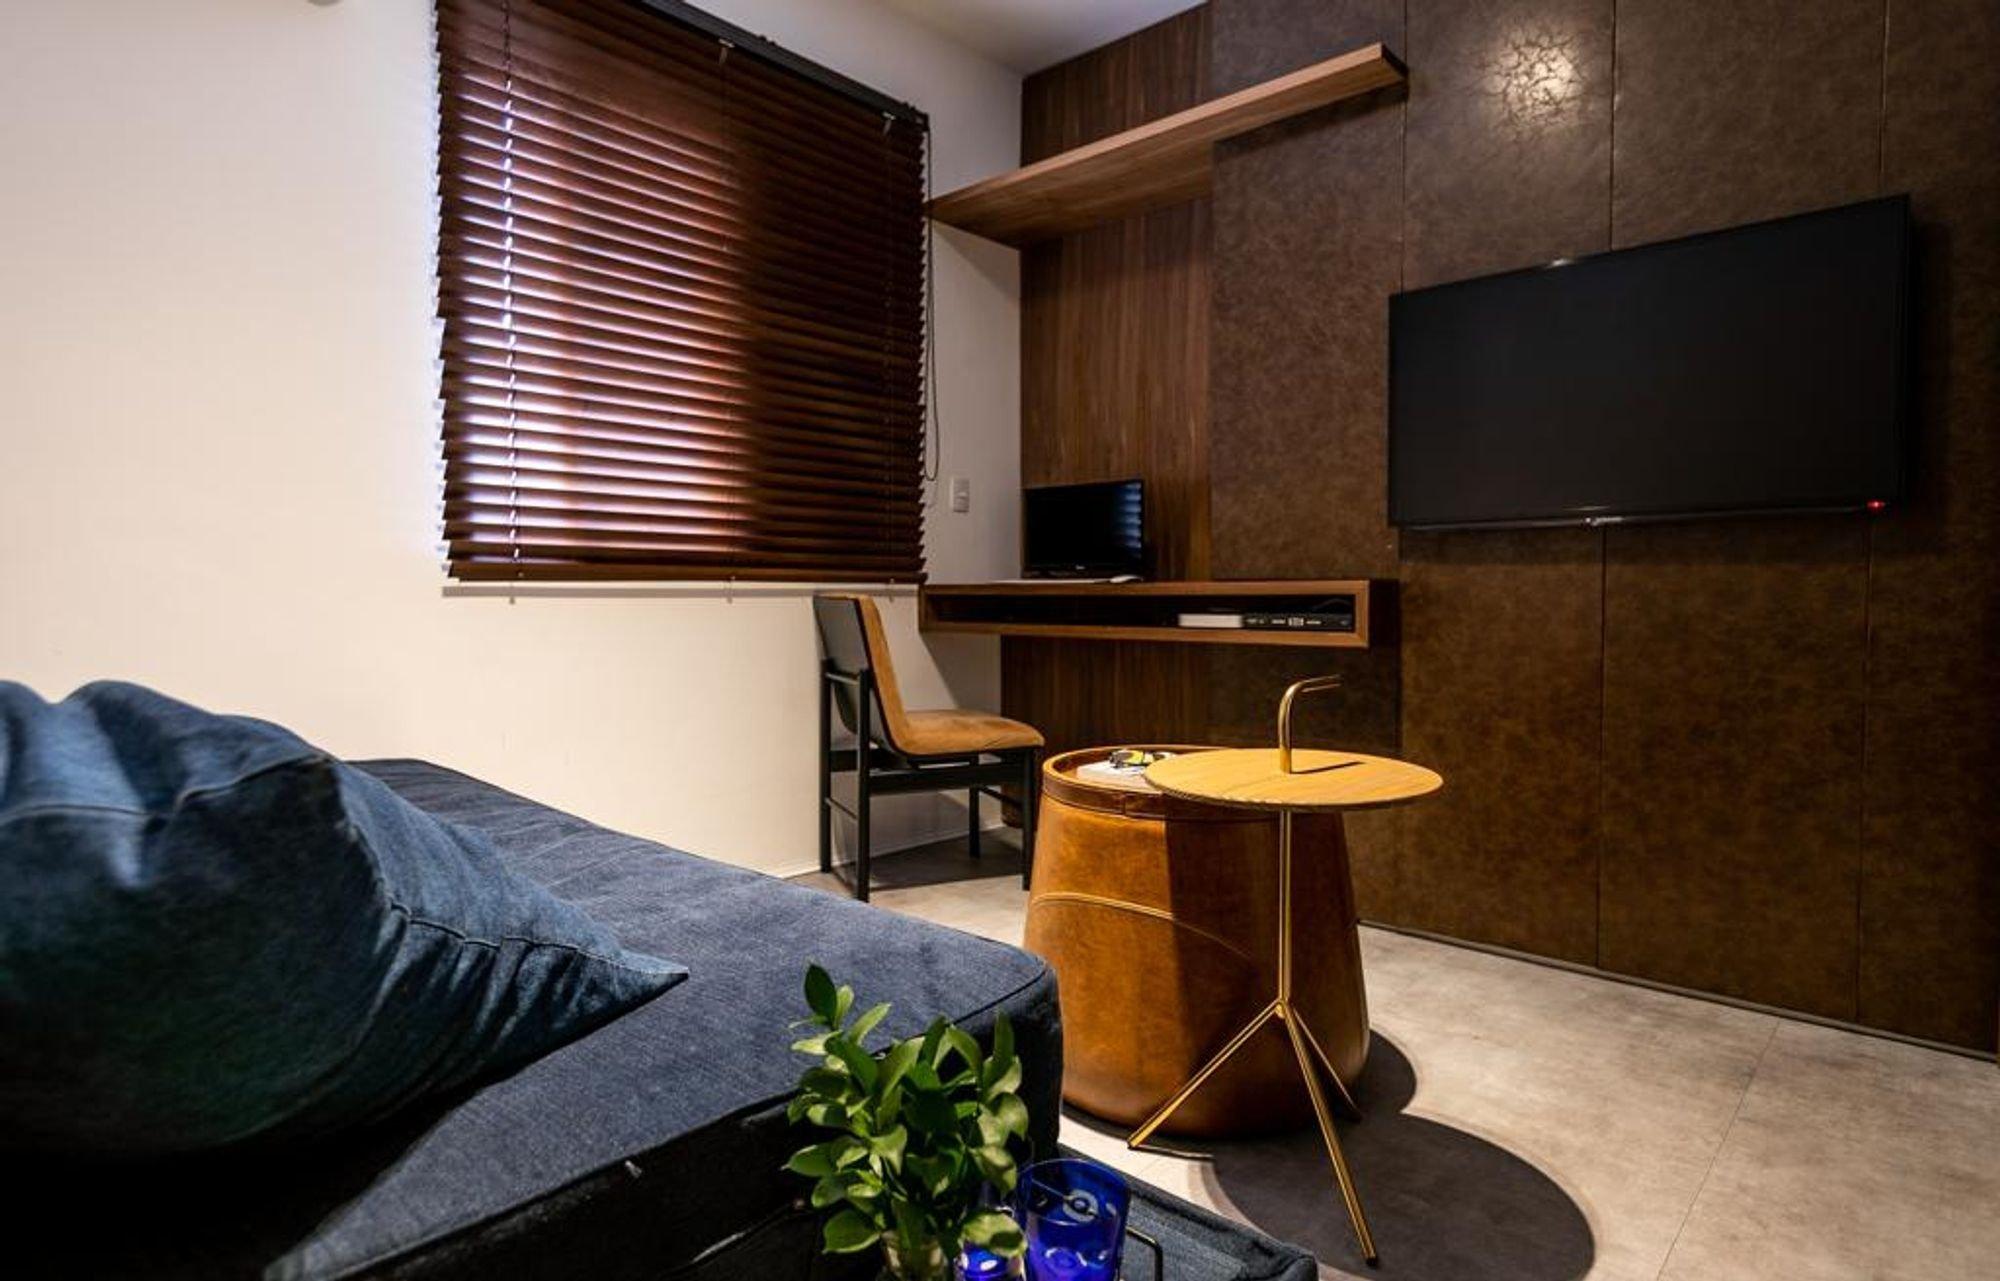 Foto de Sala com vaso de planta, cama, televisão, cadeira